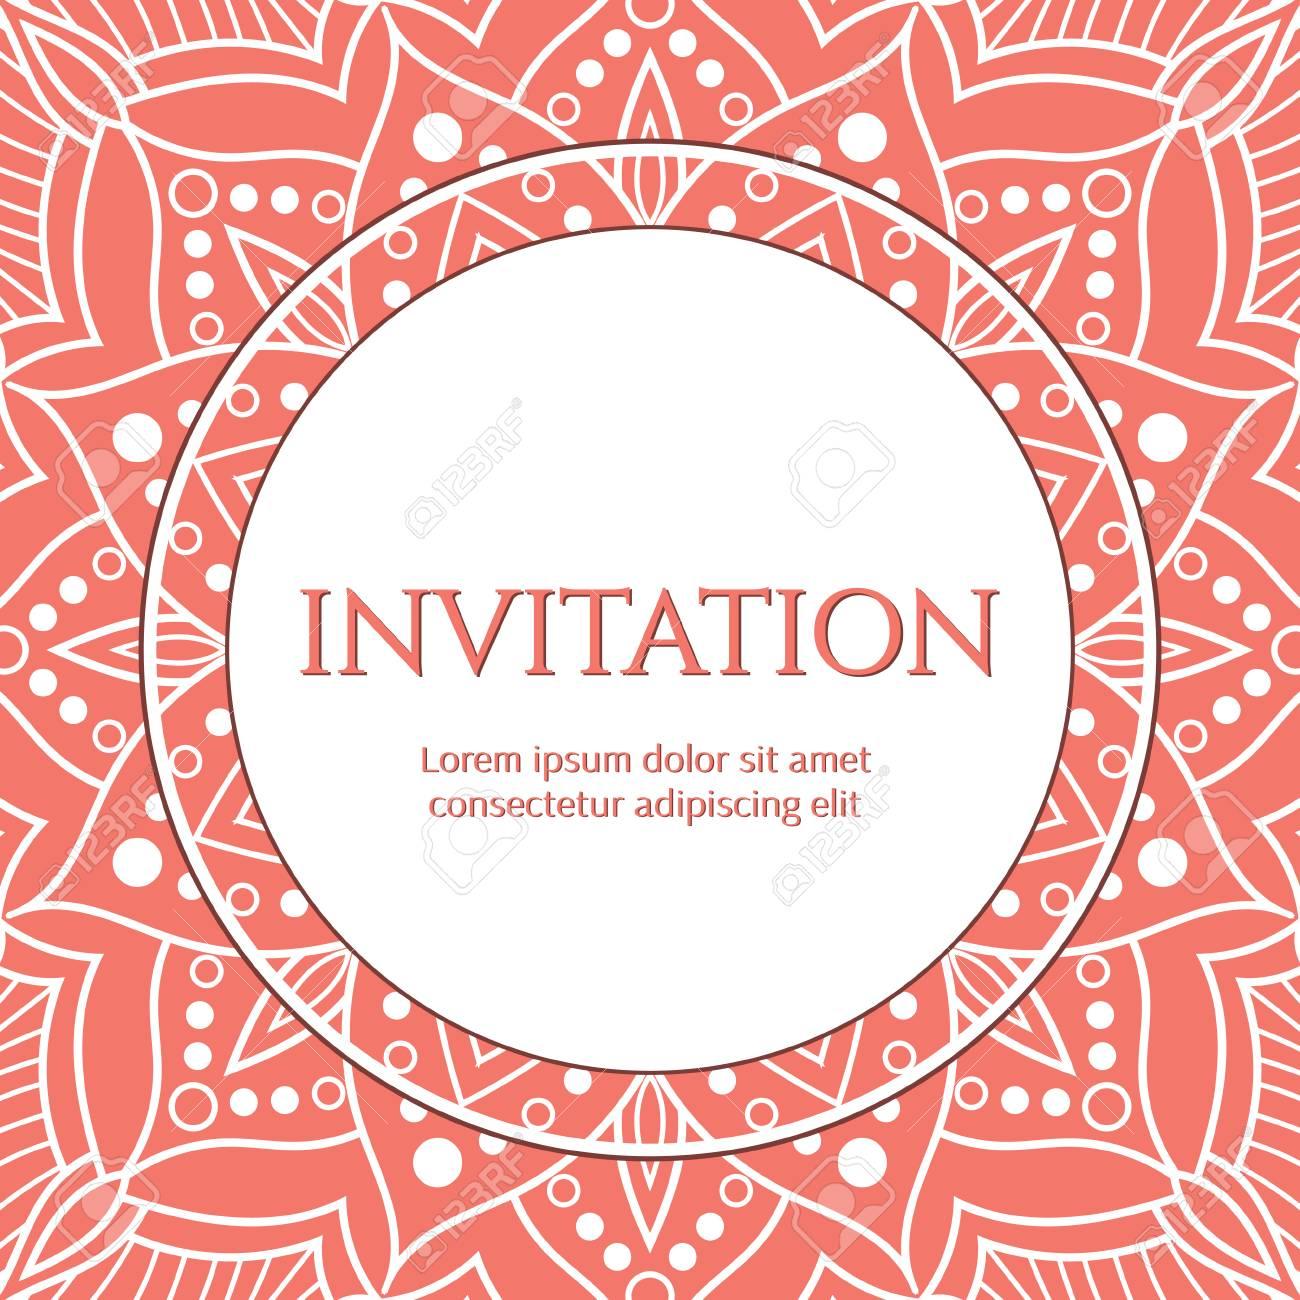 Vector De Plantilla Para Guardar La Tarjeta De Fecha Despedida De Soltera Boda Fiesta De Cumpleaños U Otra Invitación Con Encaje Blanco Sobre Fondo